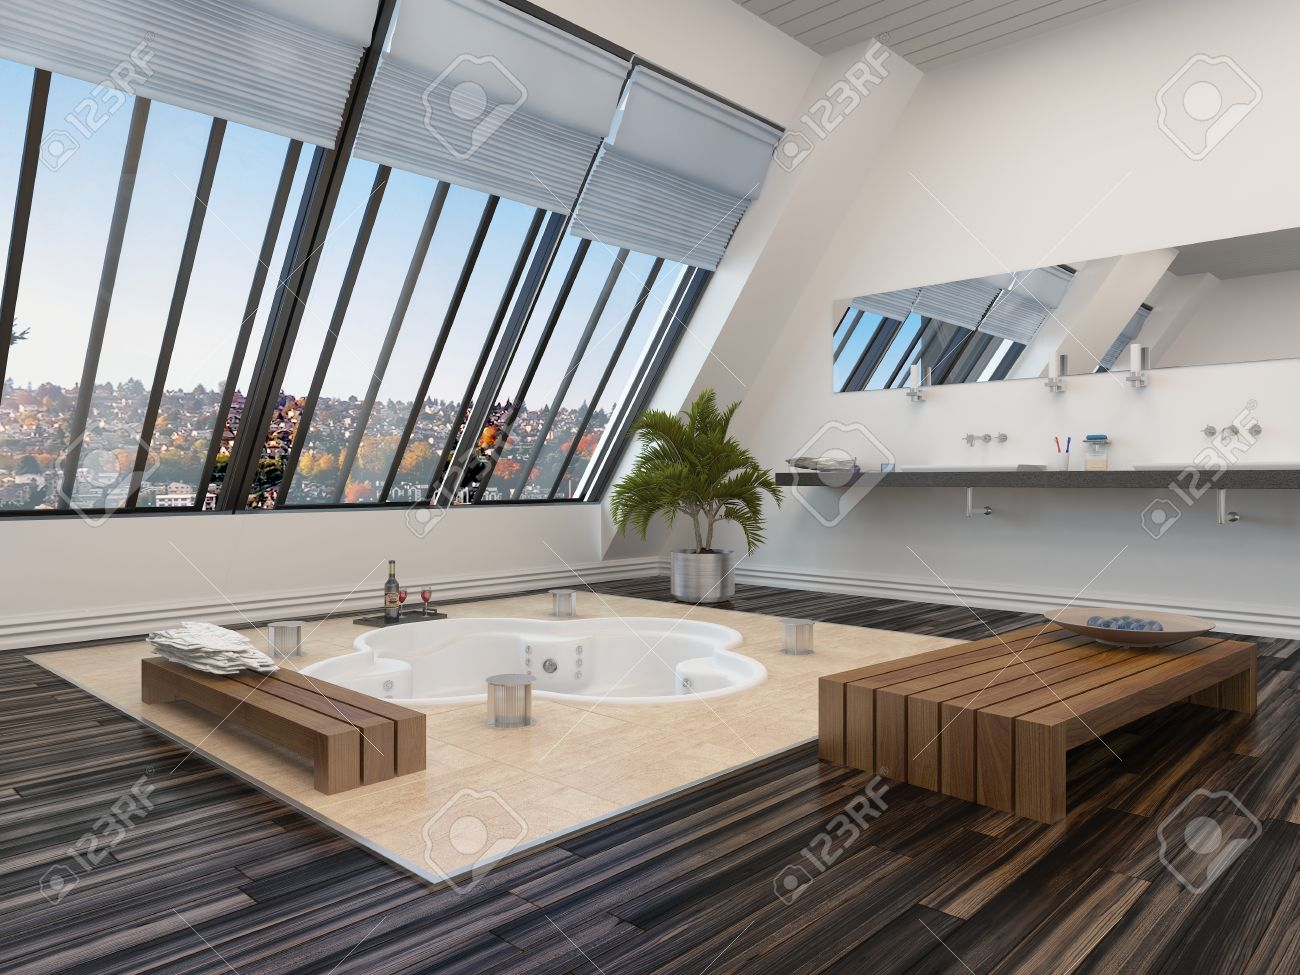 Modernes Badezimmer Innenraum Mit Einem Eingelassenen Whirlpool In Einem  Parkettboden Und Panoramafenster Schrägen Blick Hinunter Eine